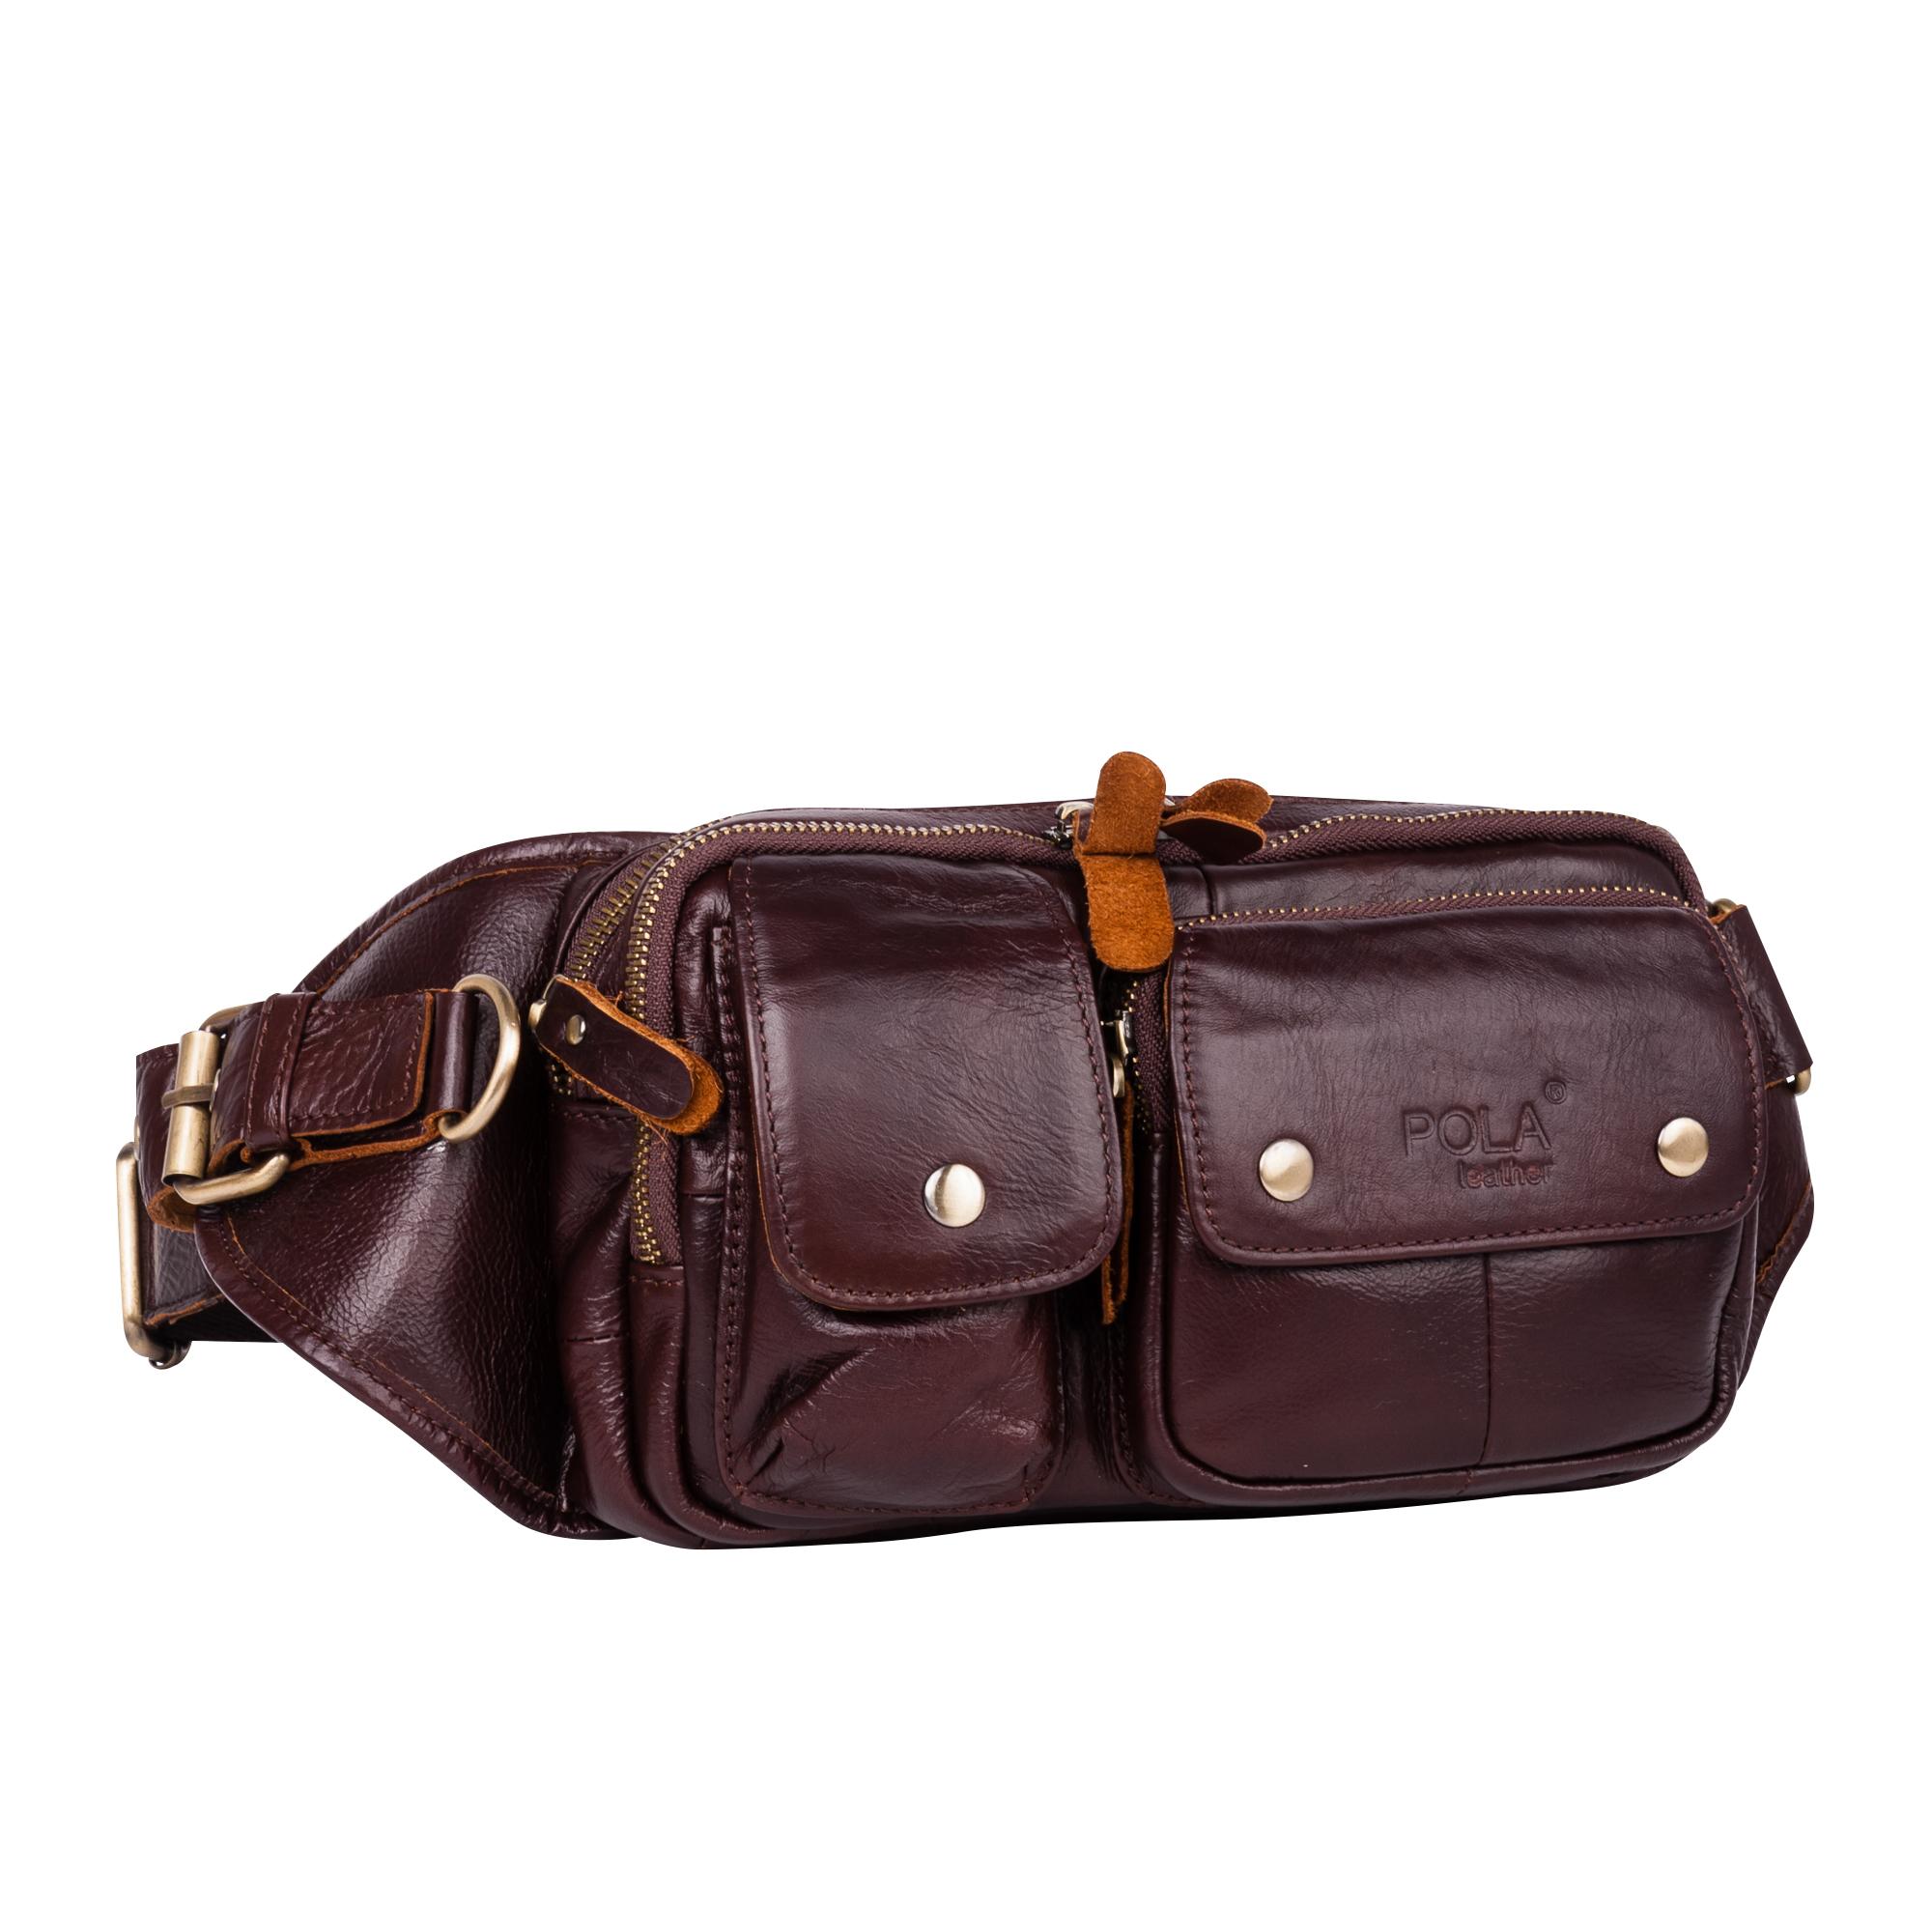 Сумка на пояс мужская Pola, цвет: коричневый. 15871587Кожаная мужская сумка Pola на пояс. Сумка состоит из двух отделений на молниях. Внутри - один карман на молнии и два открытых кармана. Снаружи - дополнительный карман на молнии сзади сумки и три кармана спереди сумки. Пояс регулируется, максимальный объем 140 см.